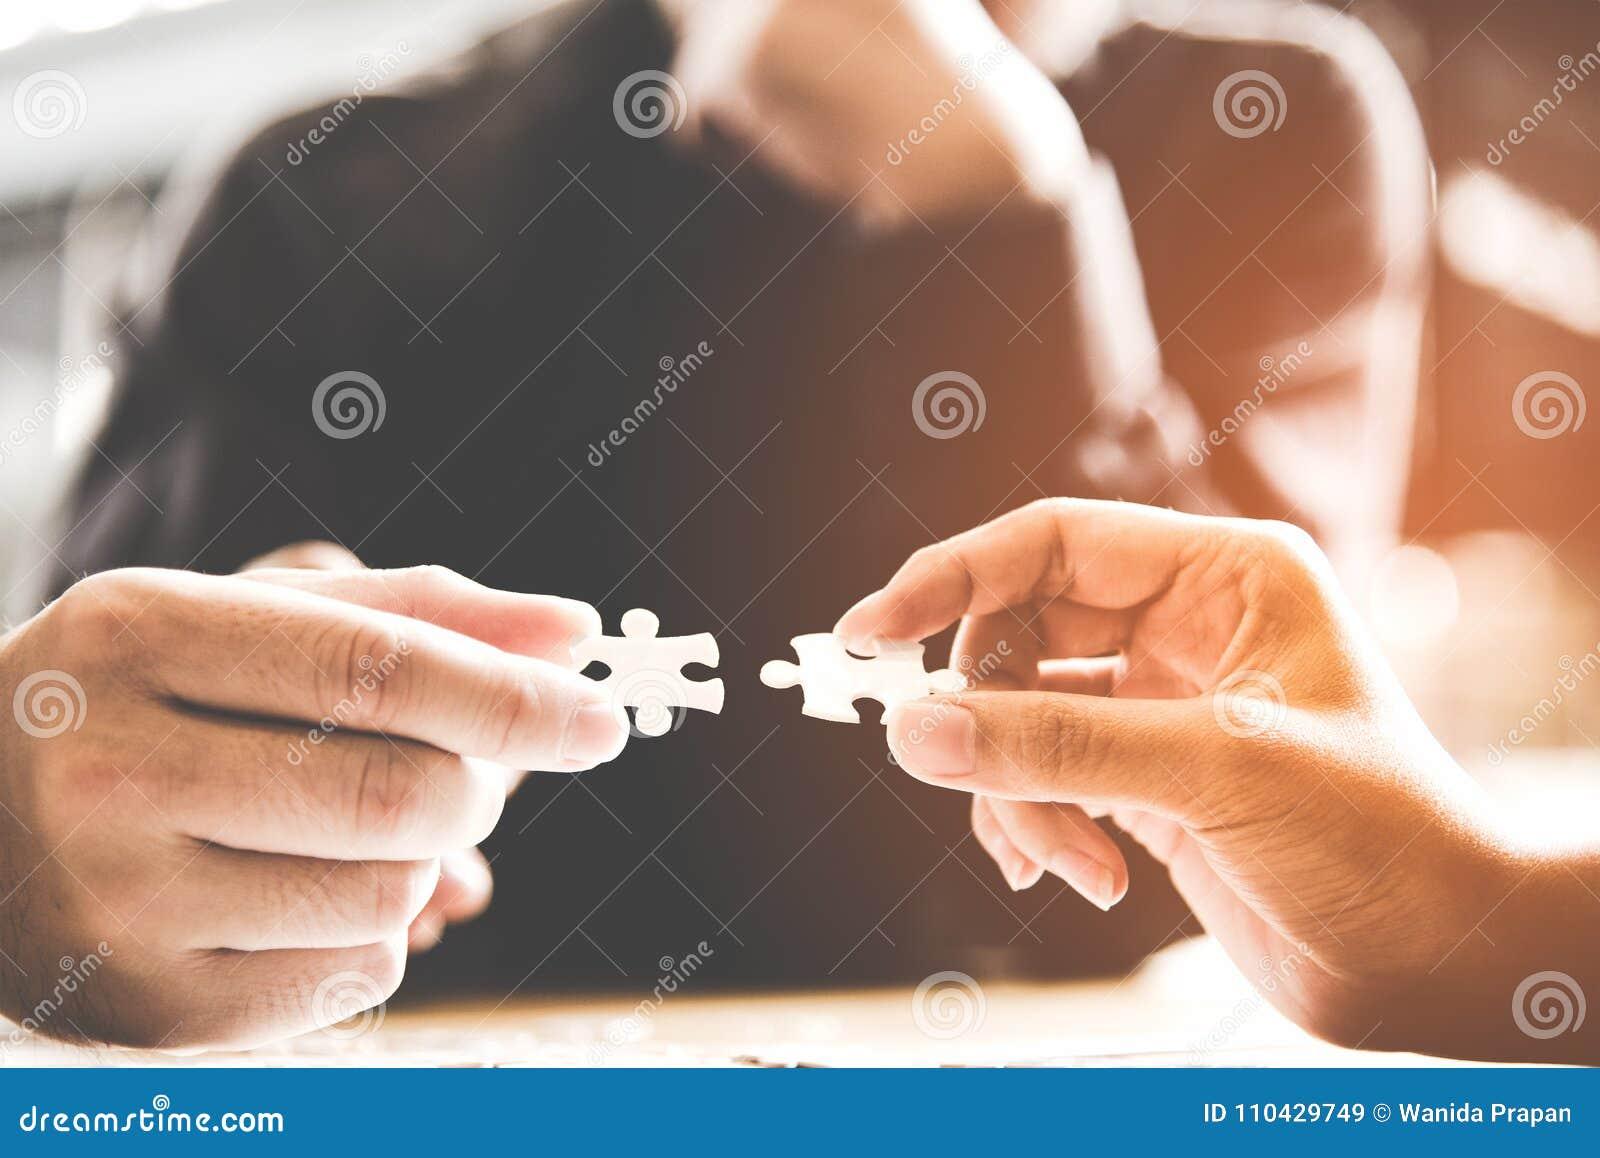 O trabalho da equipe do homem de negócios que guarda dois pares de conexão da serra de vaivém confunde a parte para combinar aos